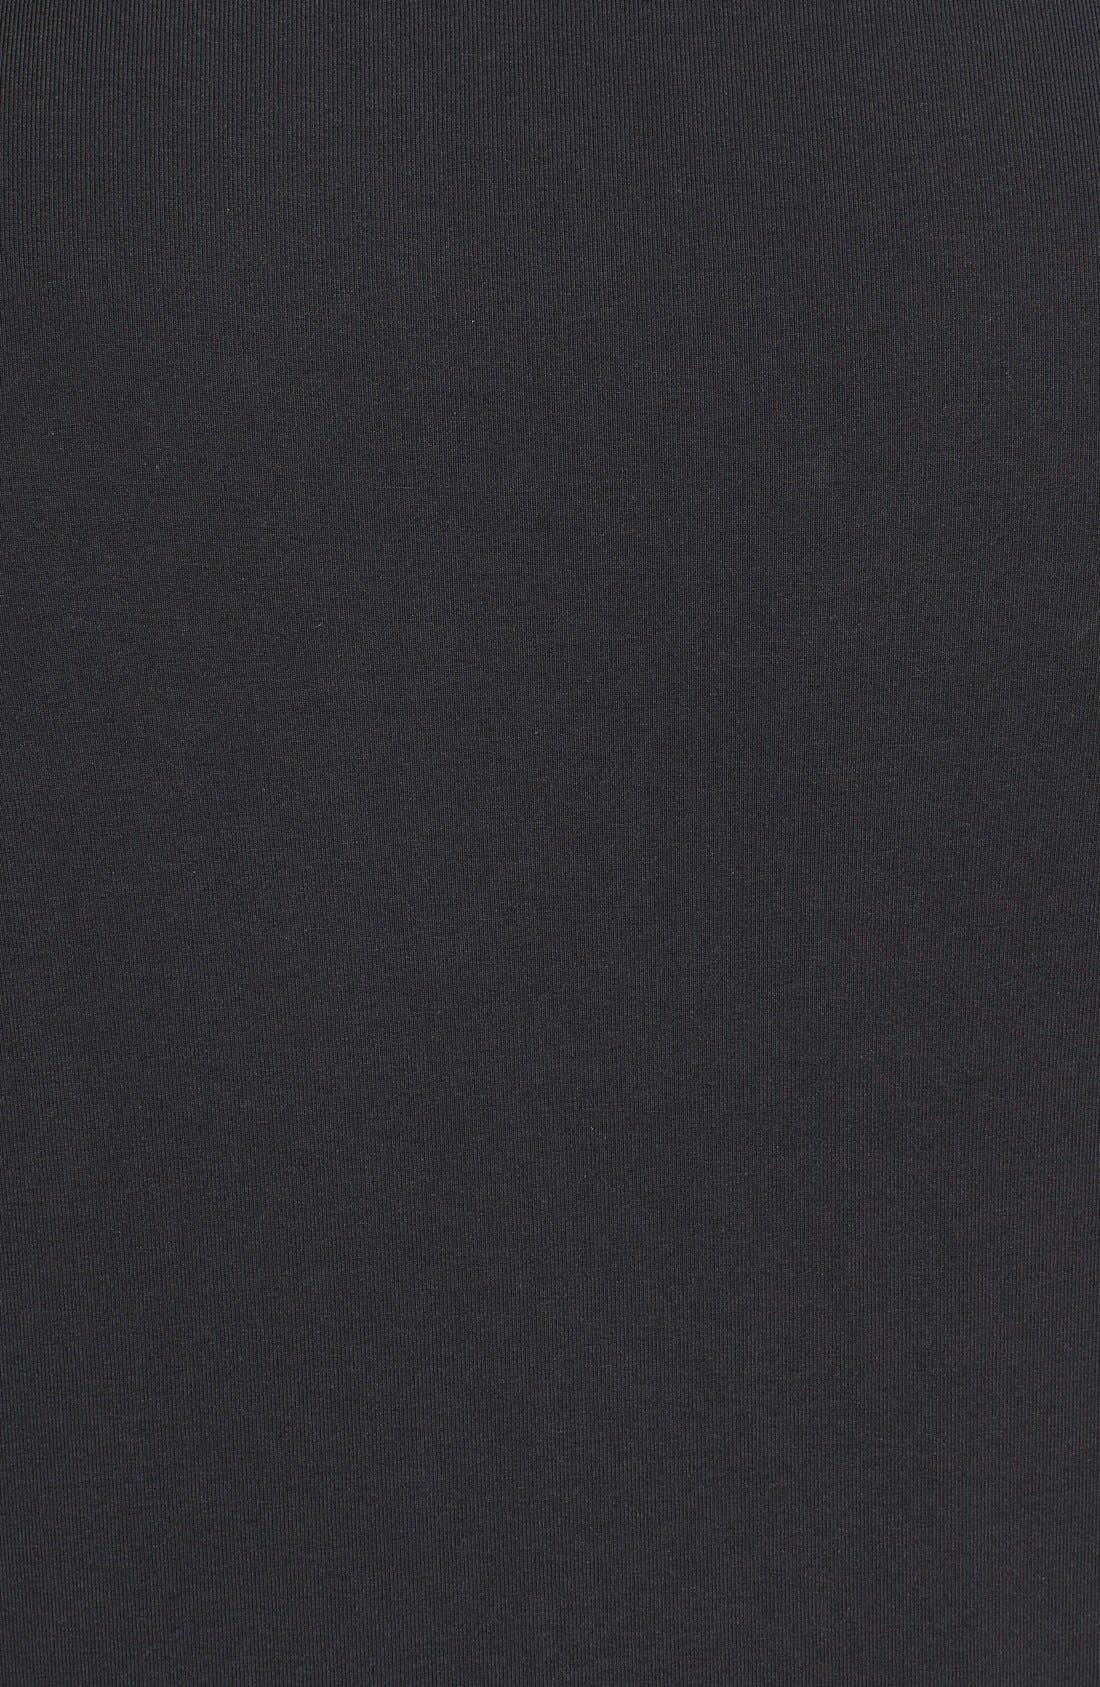 'Strange Love' Trim Fit Wrinkle Resistant Quarter Zip Jacket,                             Alternate thumbnail 20, color,